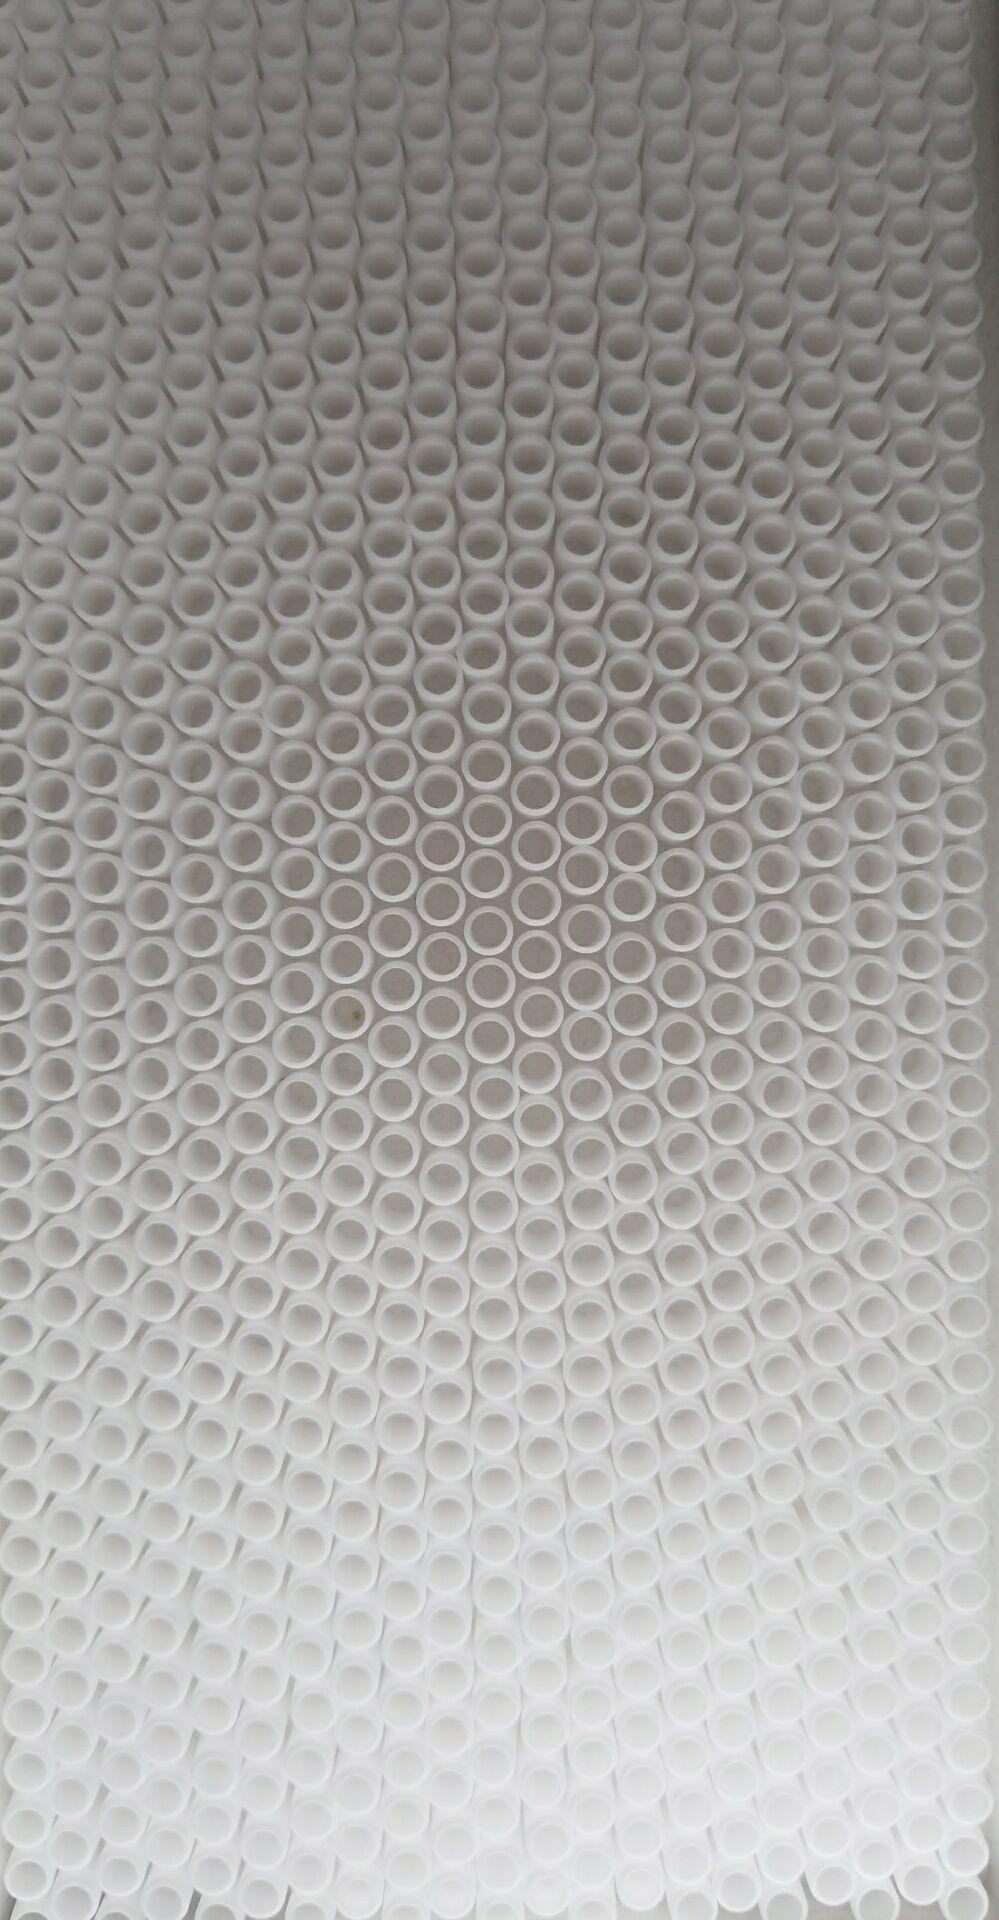 電子陶瓷代理加盟-品牌好的電子陶瓷品牌推薦